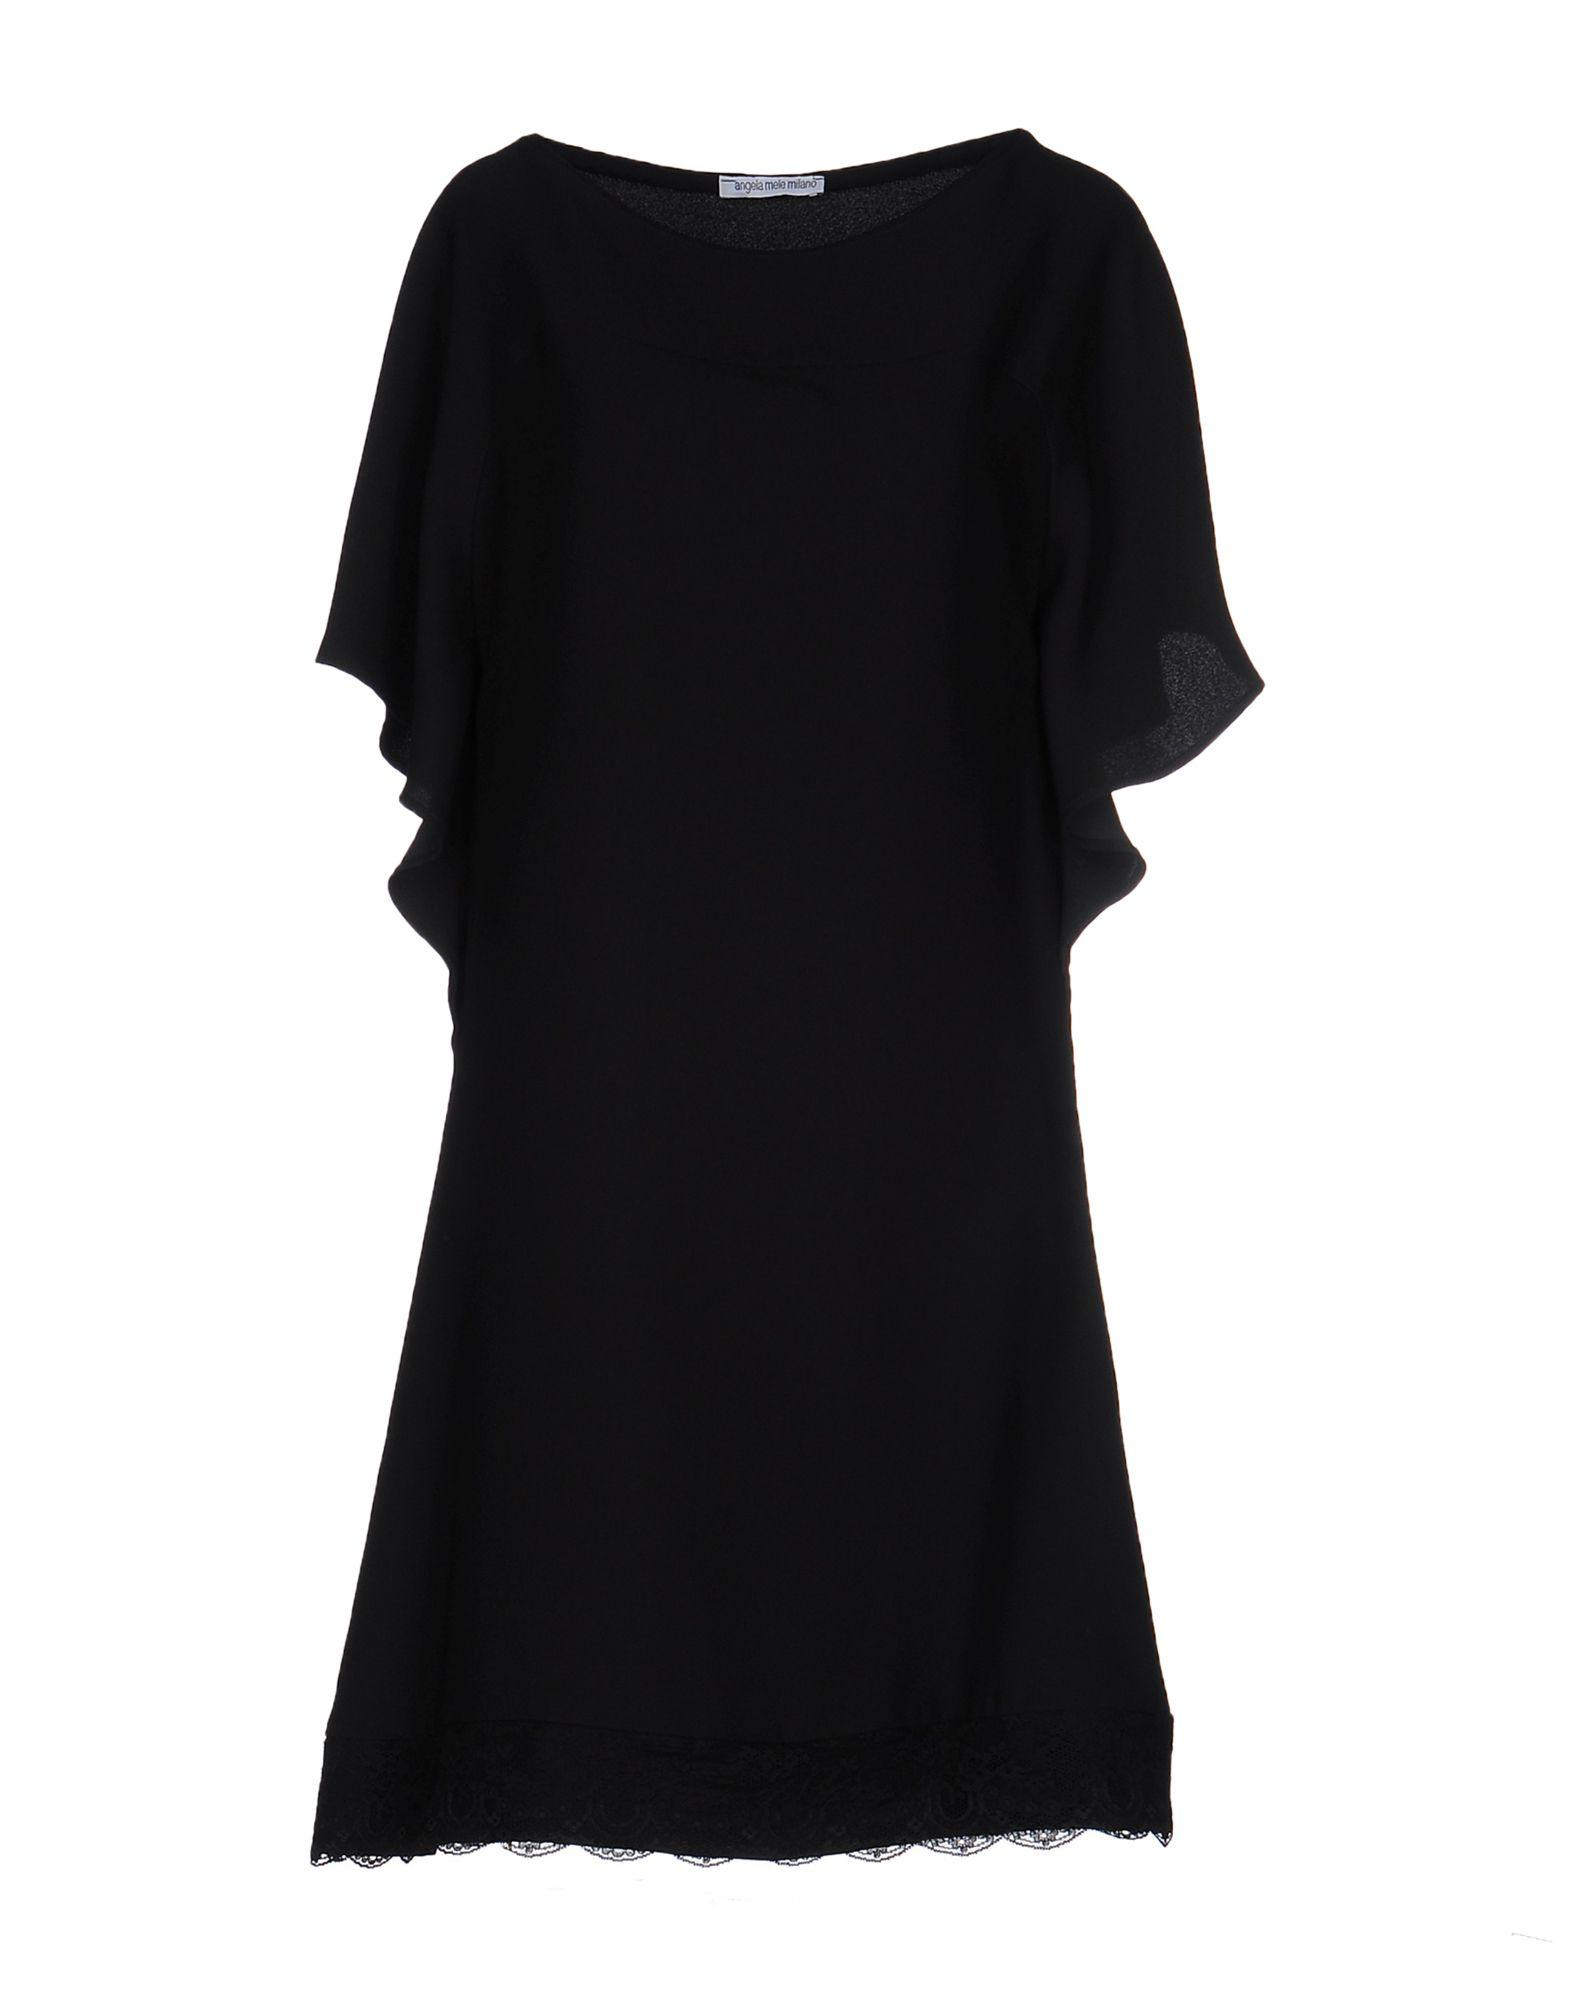 ANGELA MELE MILANO Короткое платье angela mele milano блузка